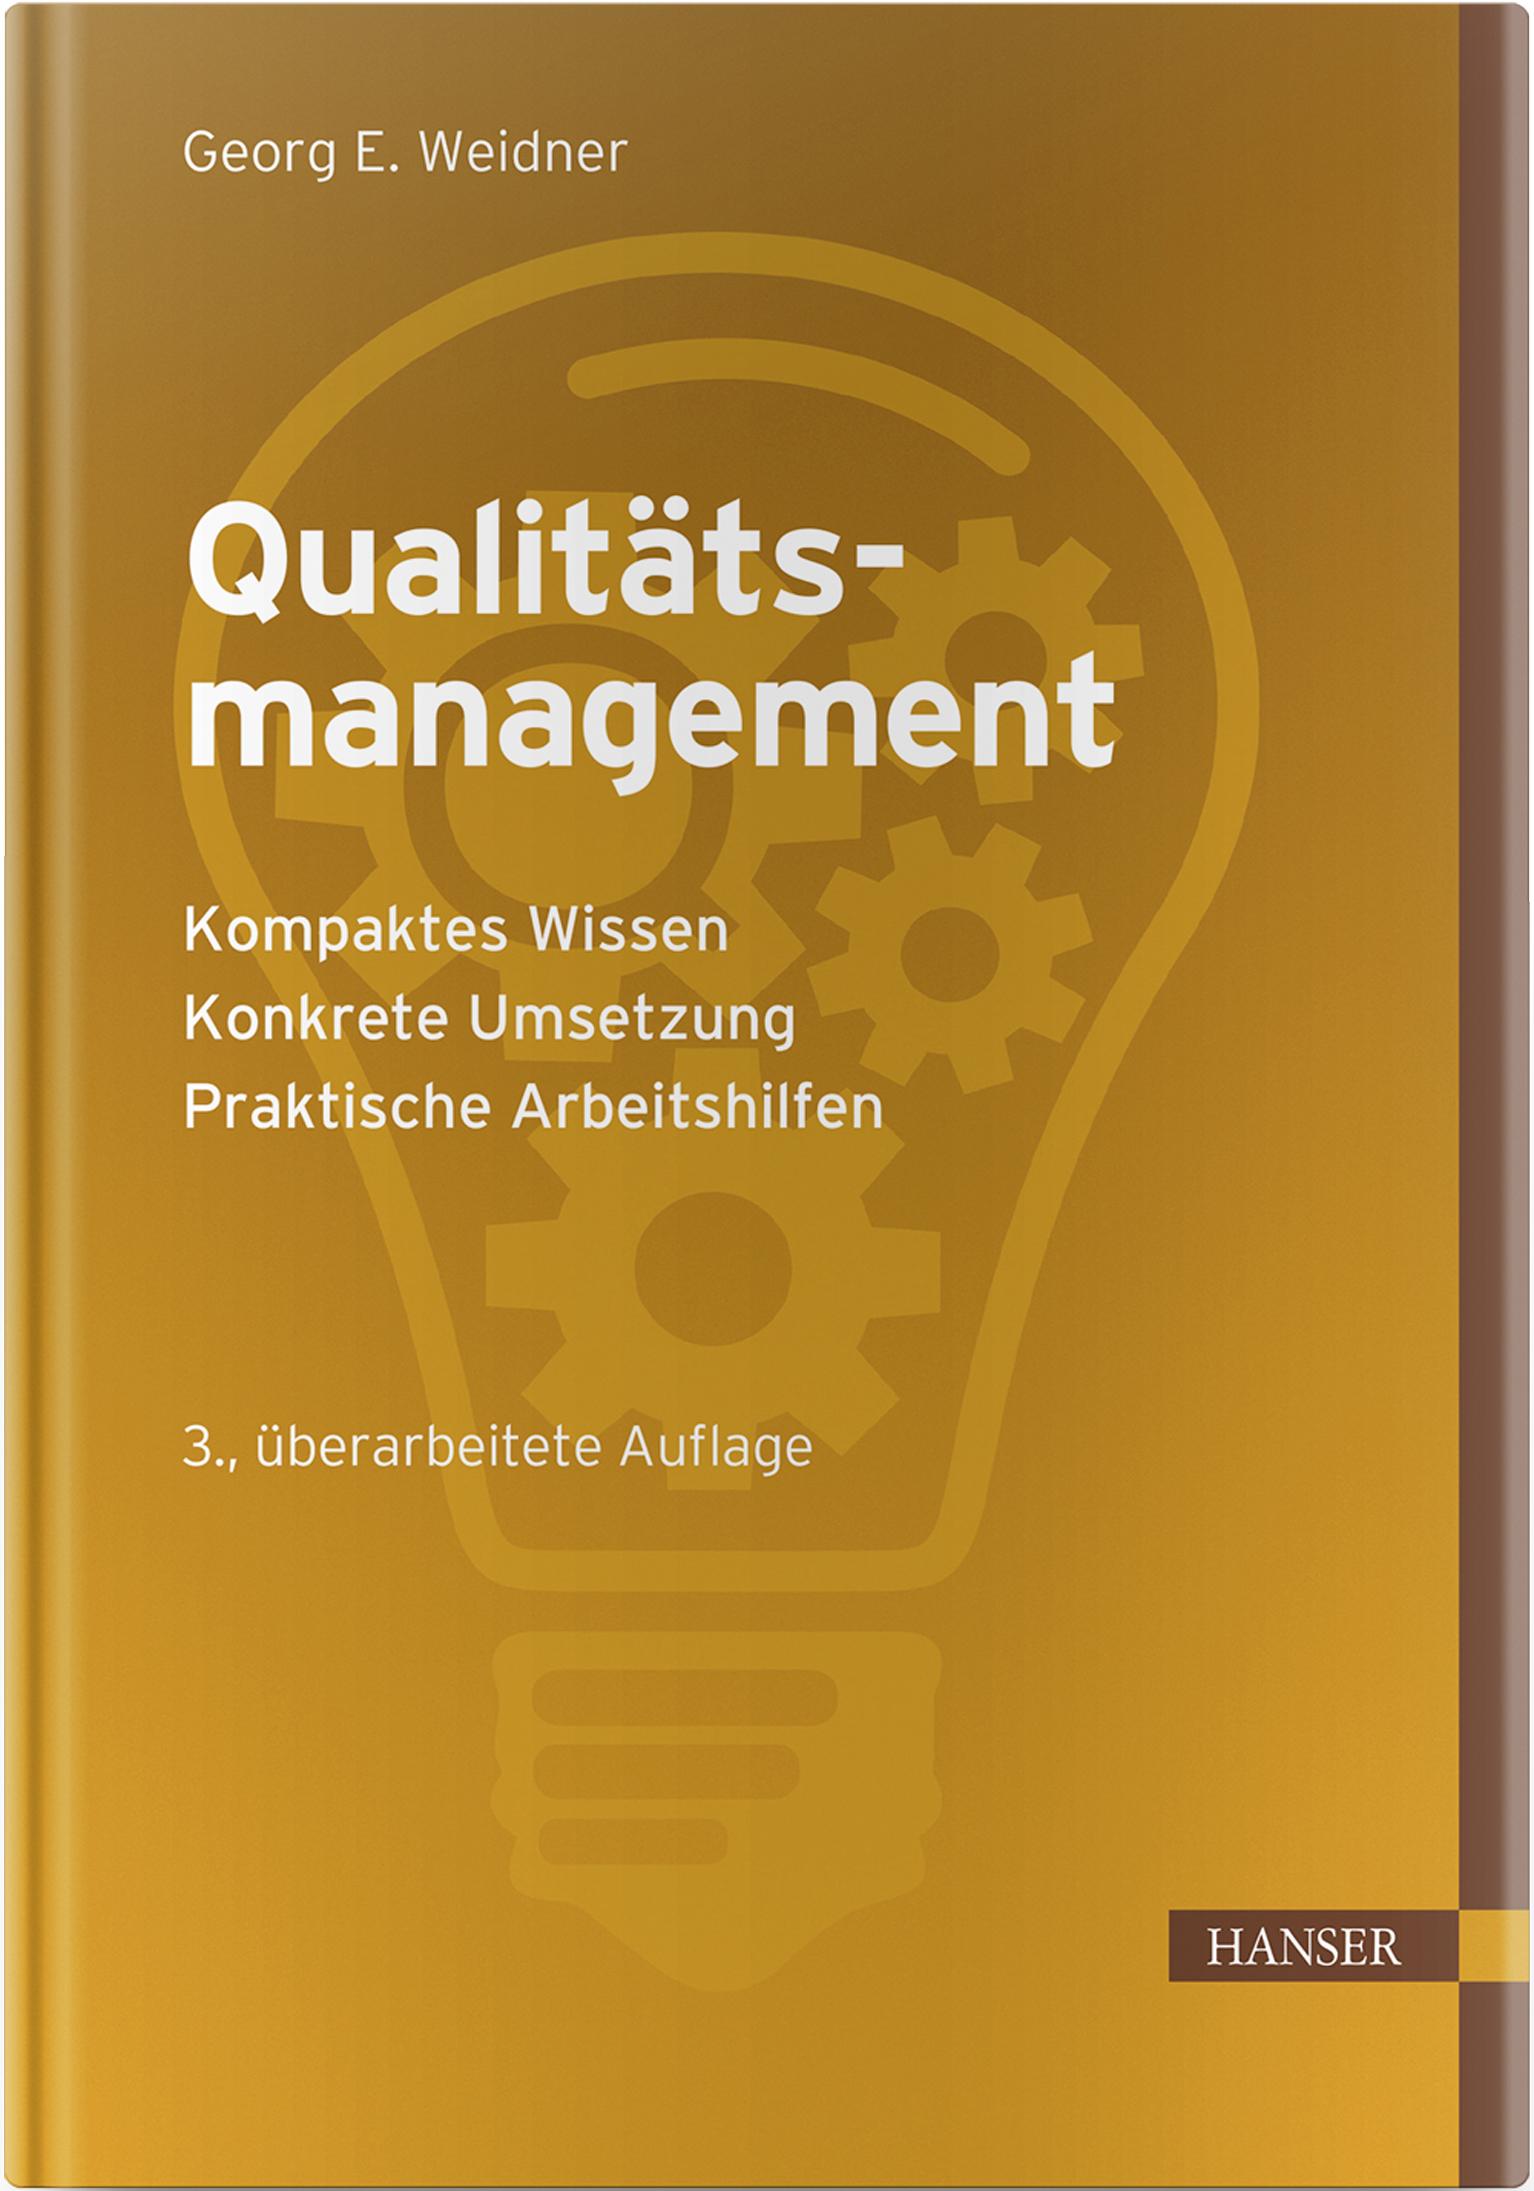 Weidner, Qualitätsmanagement, 978-3-446-46212-0